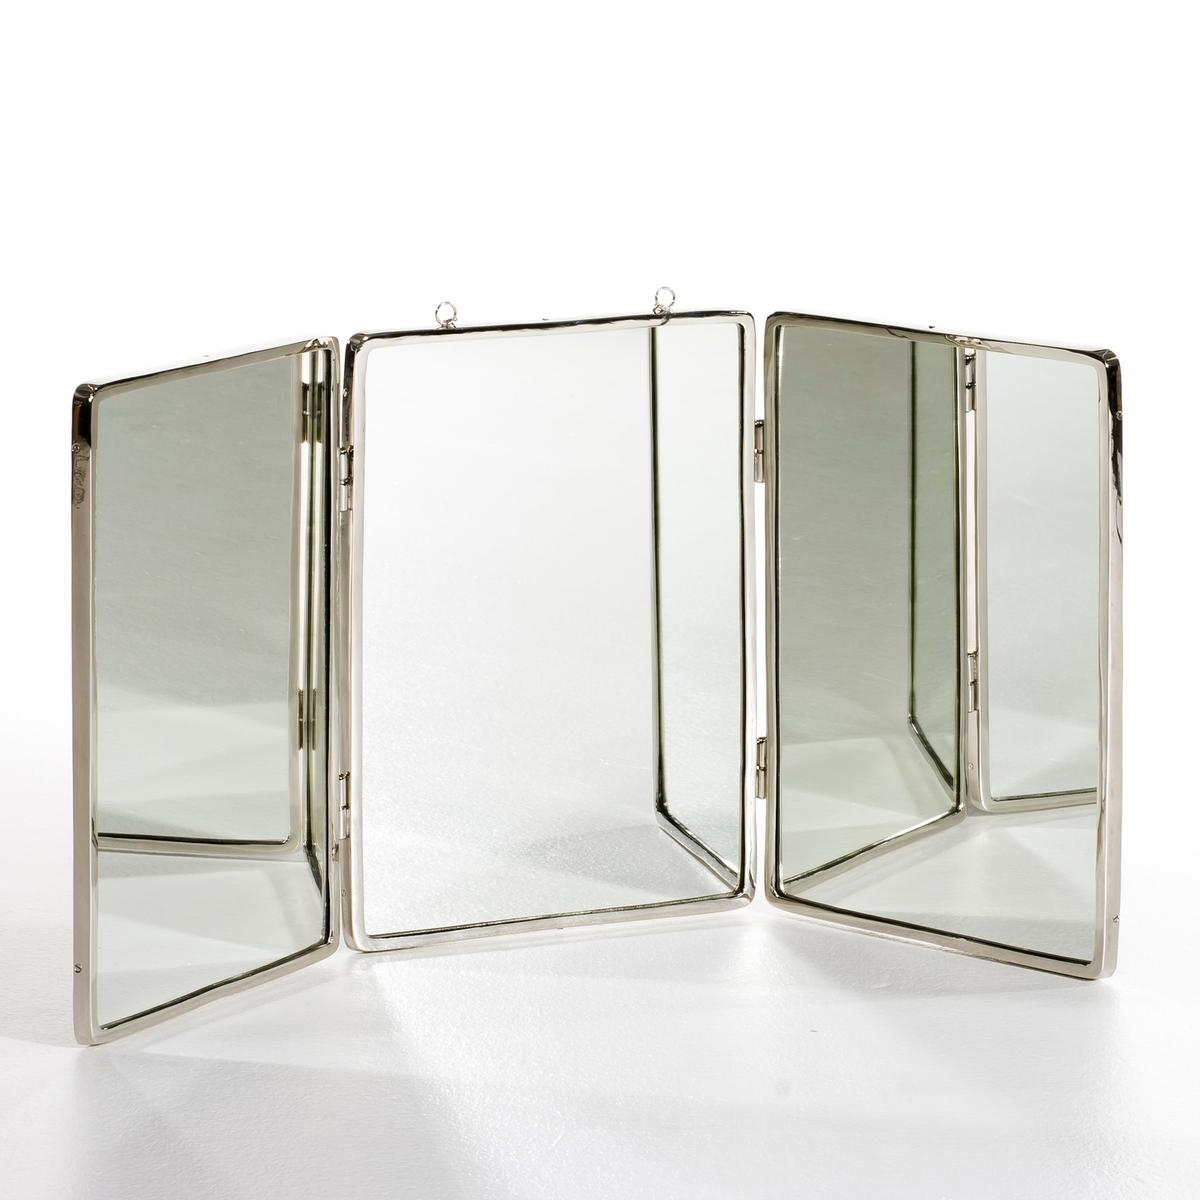 Зеркало La Redoute Большая модель Д1125 x В5125 см Barbier единый размер другие зеркало la redoute прямоугольное д x в см barbier единый размер другие